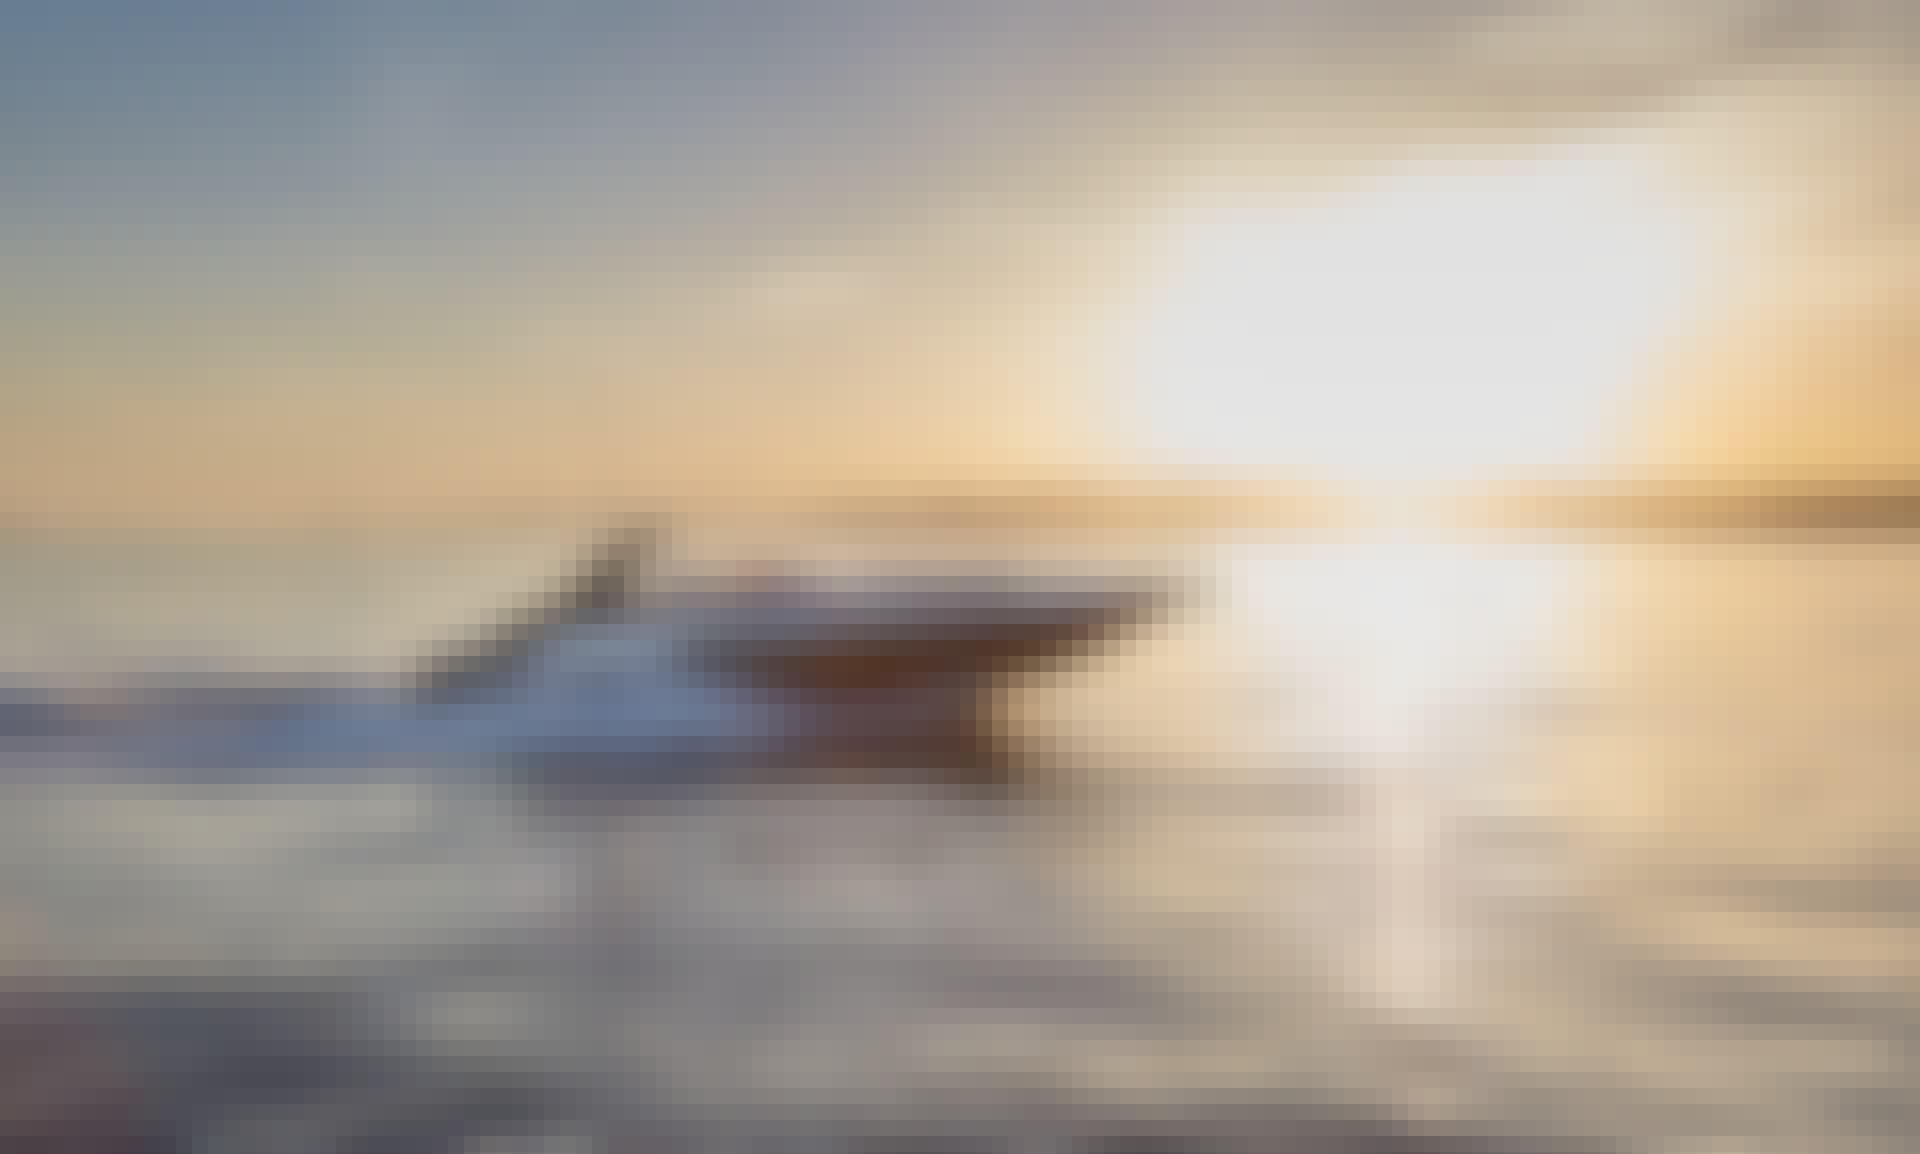 Sunseeker Tomahawk 37 Motor Yacht Rental in Eivissa, Islas Baleares